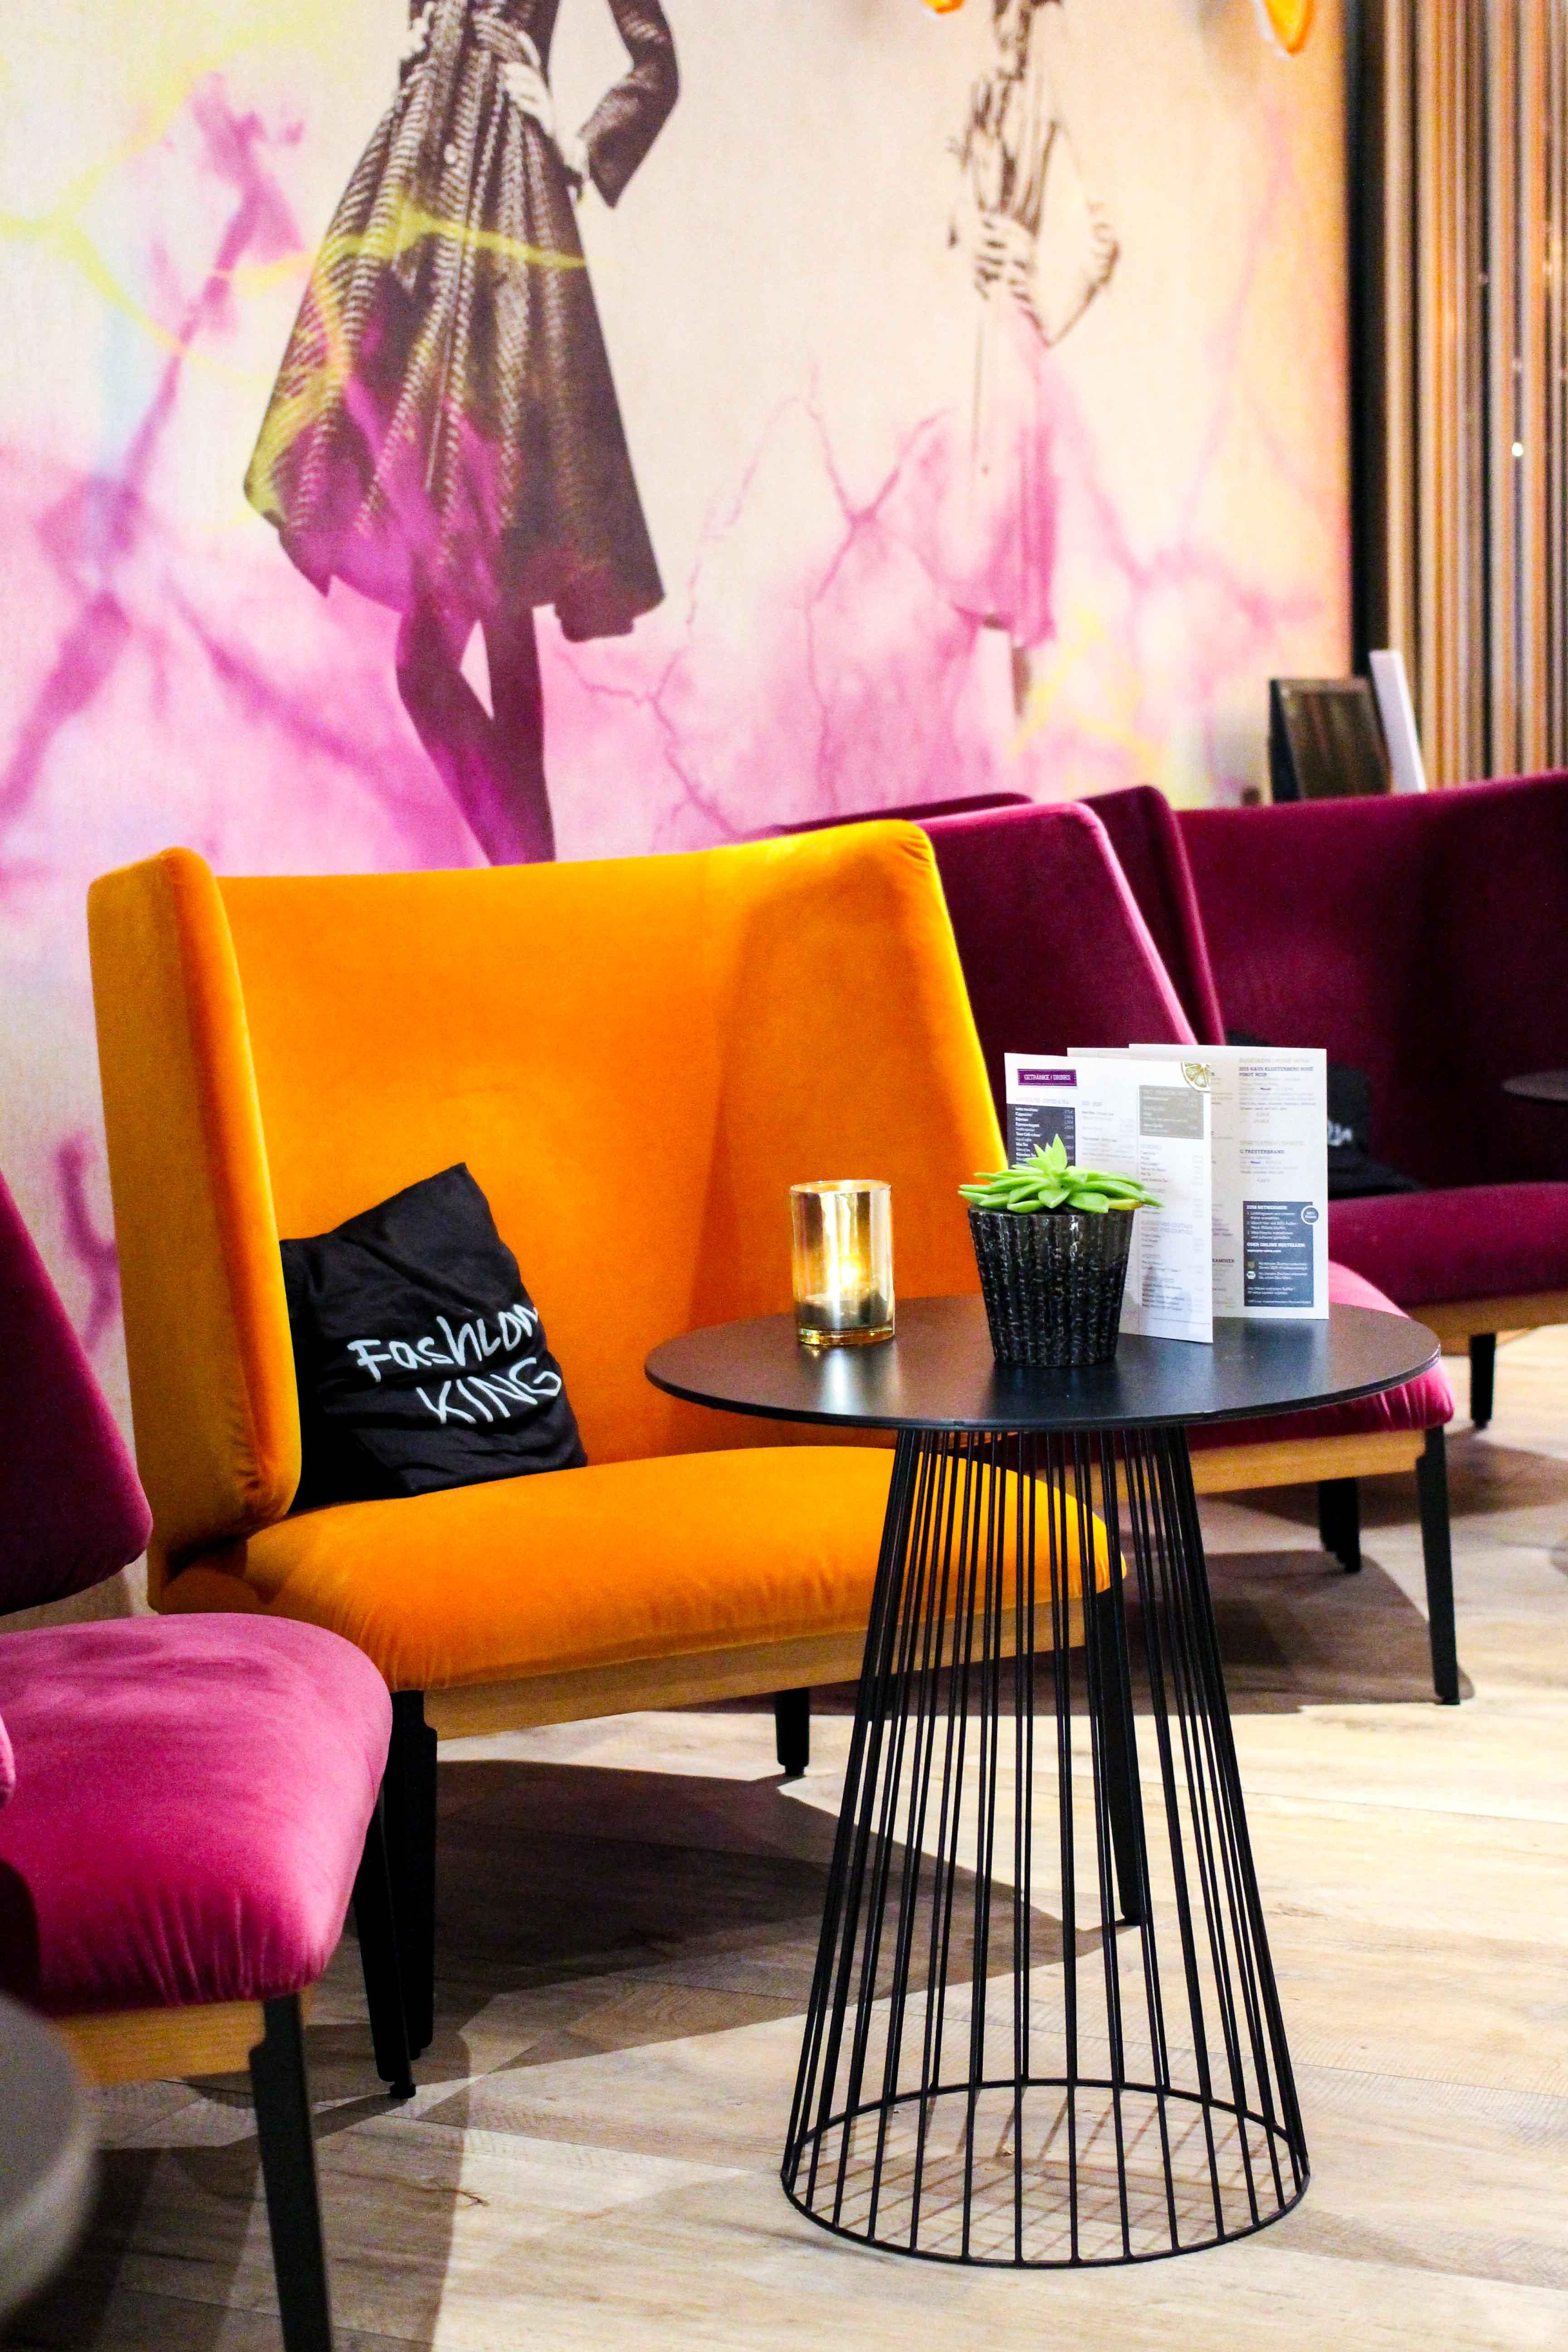 Hotel Fashion Week Mercure Hotel Berlin Wittenbergplatz Berlins Trend-Hotel Lobby Sitzecke 2